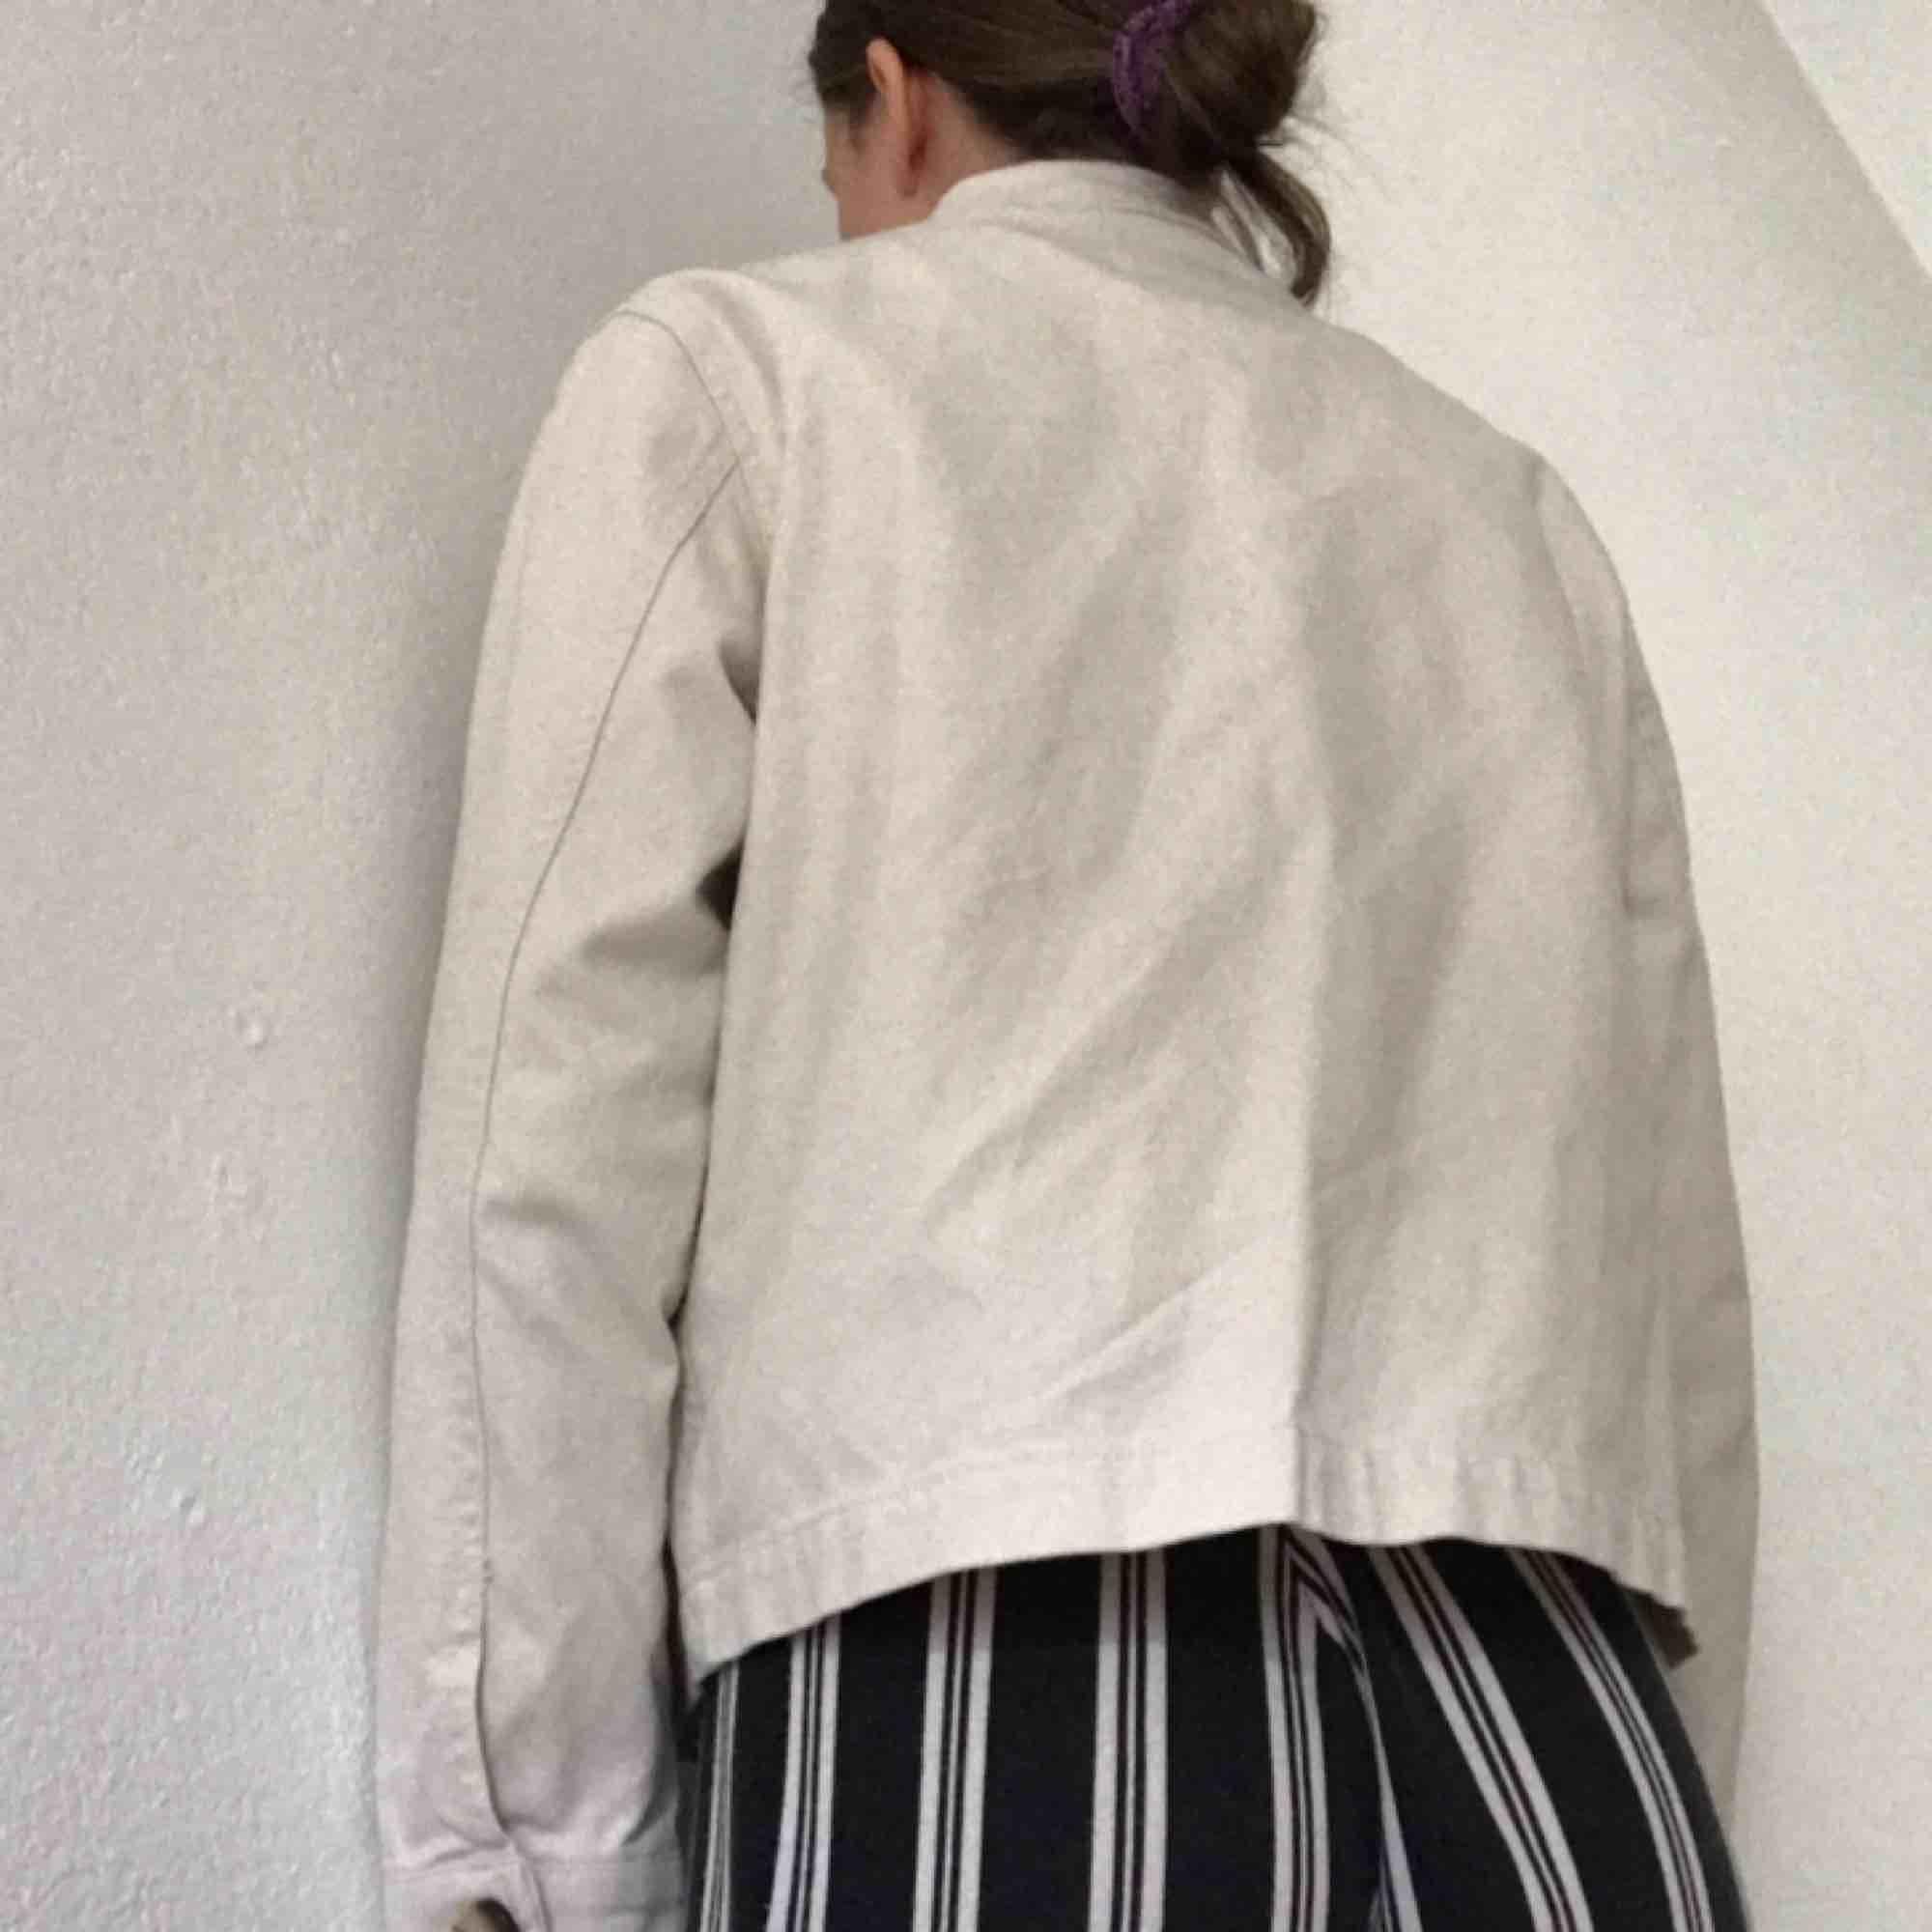 Kortare jacka med fickor, från Monki. Bomull och lite lin. Boxig modell, sparsamt använd. Prutat och klart, köparen betalar frakt på 63:- annars möts jag upp i Stockholm ✨ . Jackor.